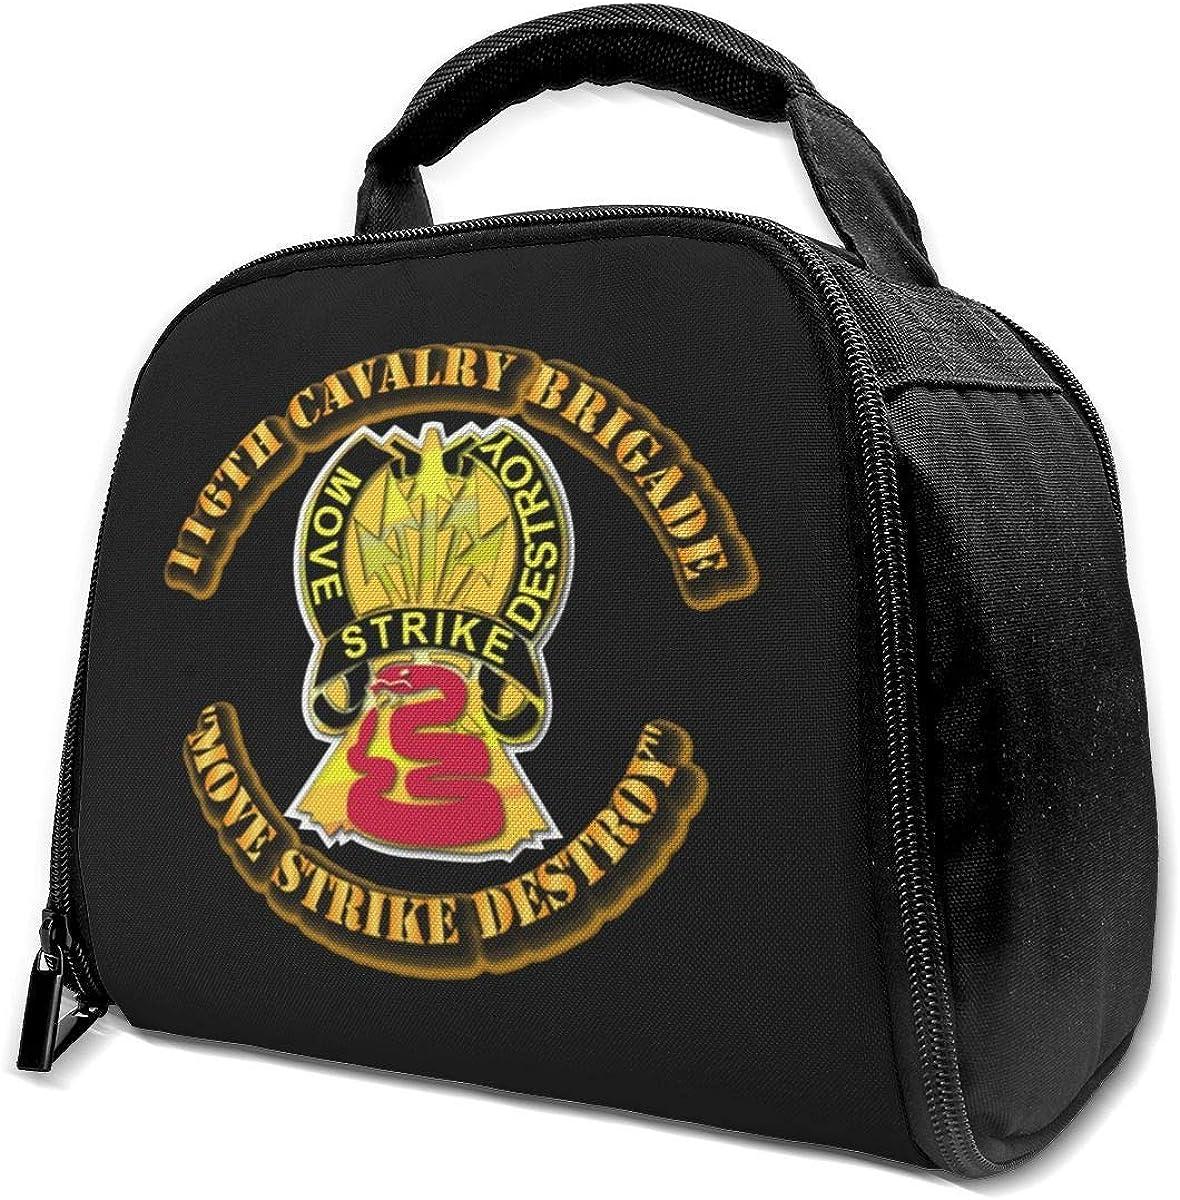 li 116a Brigada de Caballería Bolsa Aislada Bolsa de Almuerzo Caja de Almuerzo Aislada Bolsa de Asas Bolsa de Enfriador Para Picnic Work